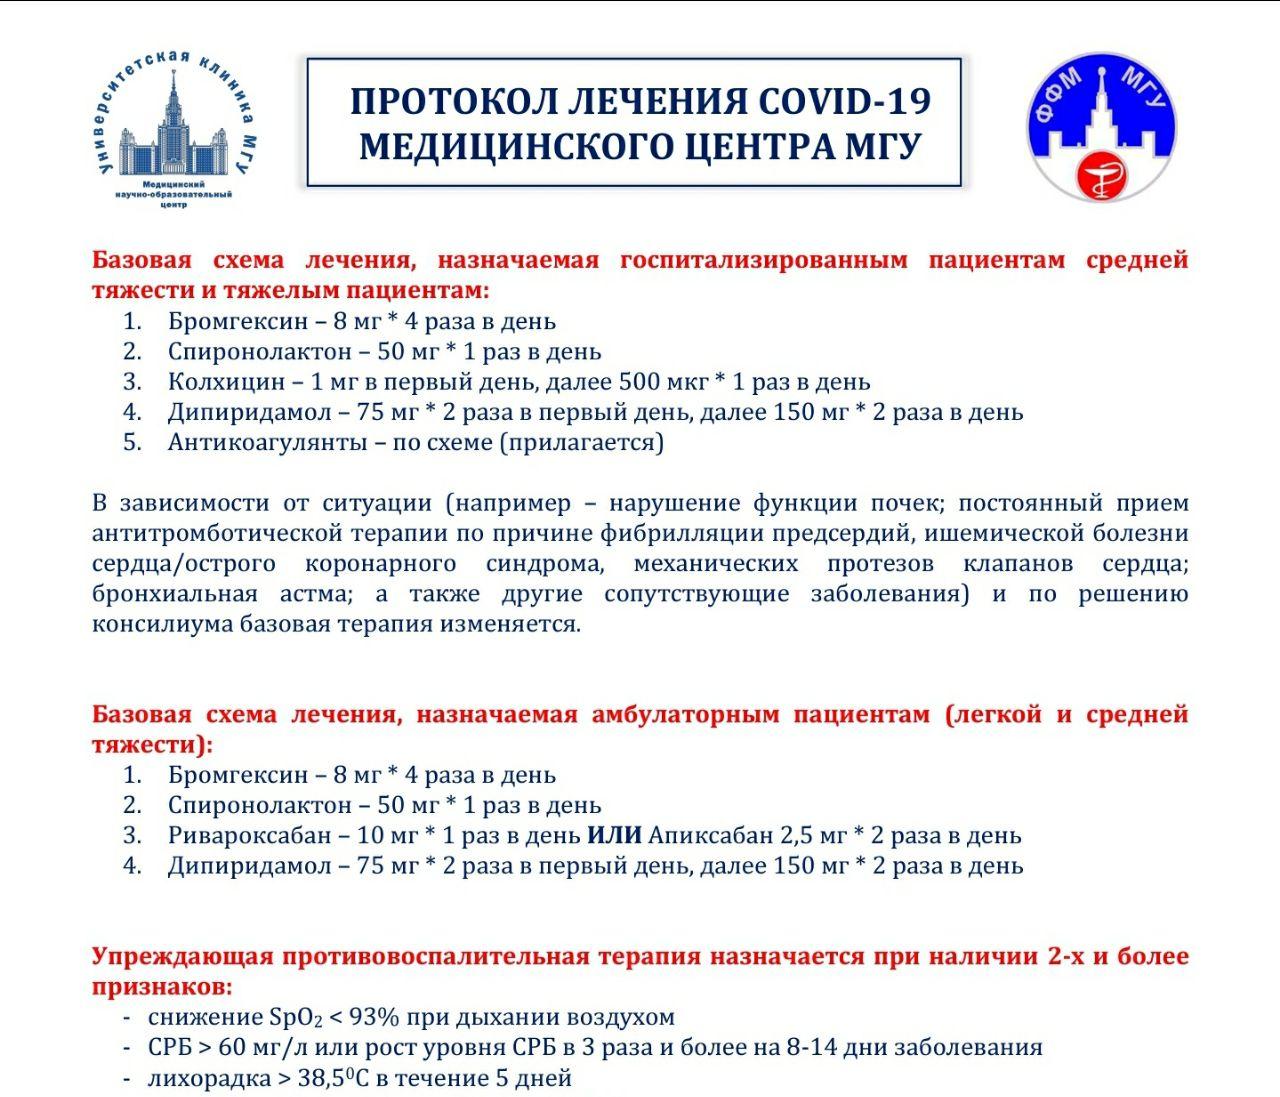 Протокол лечения и предупреждения заболевания COVID-19 от клиники МГУ